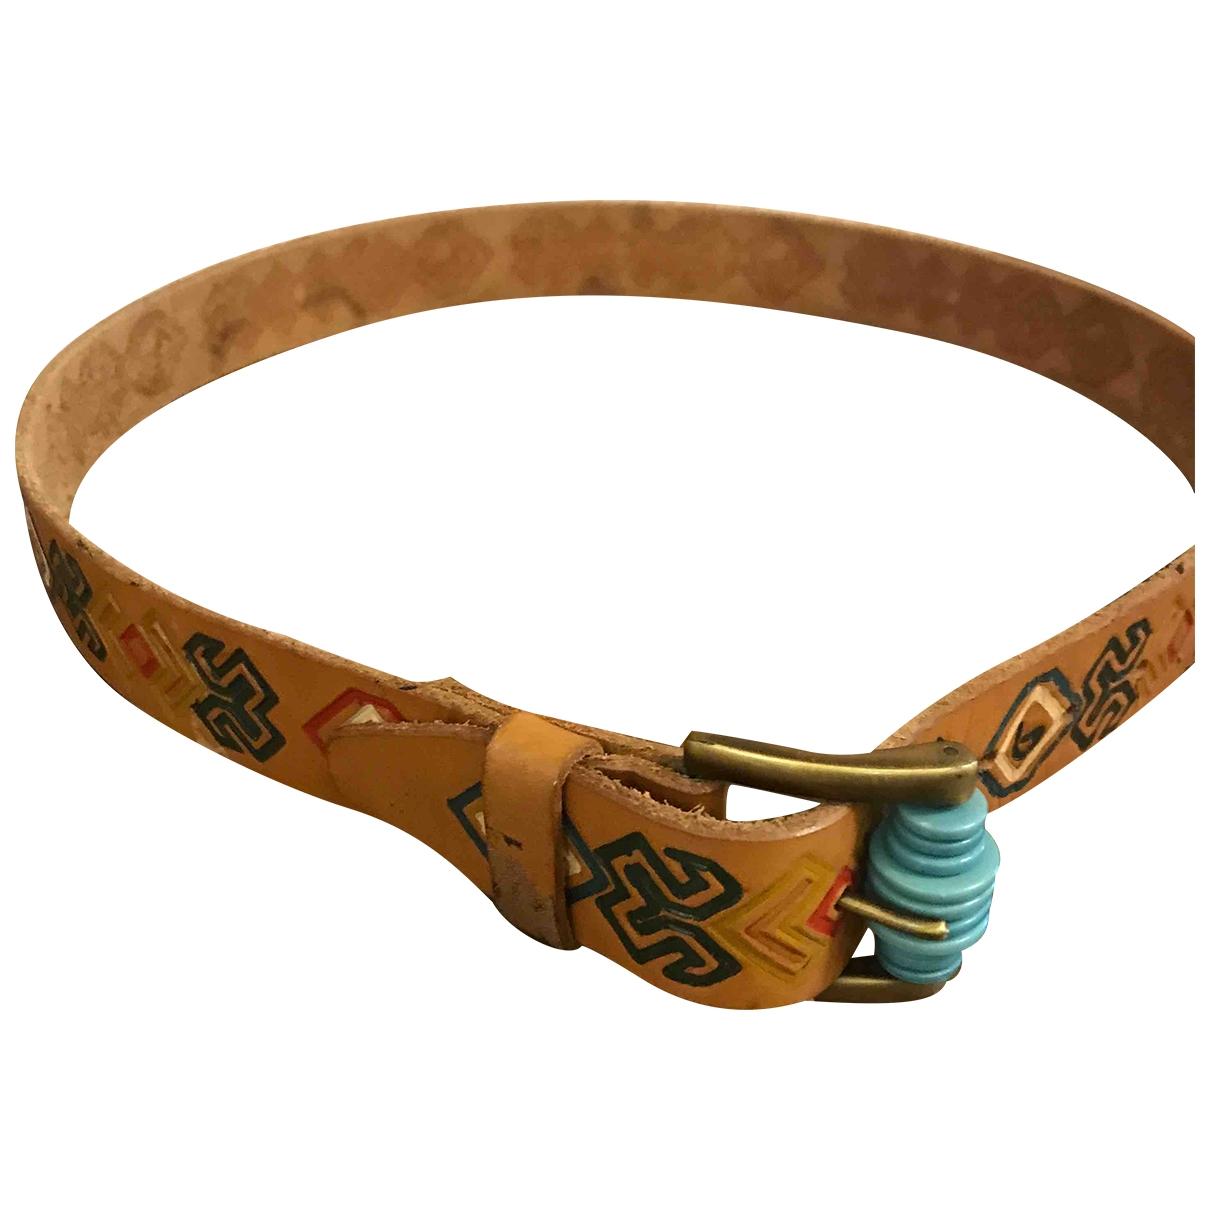 Byblos \N Leather belt for Men 95 cm